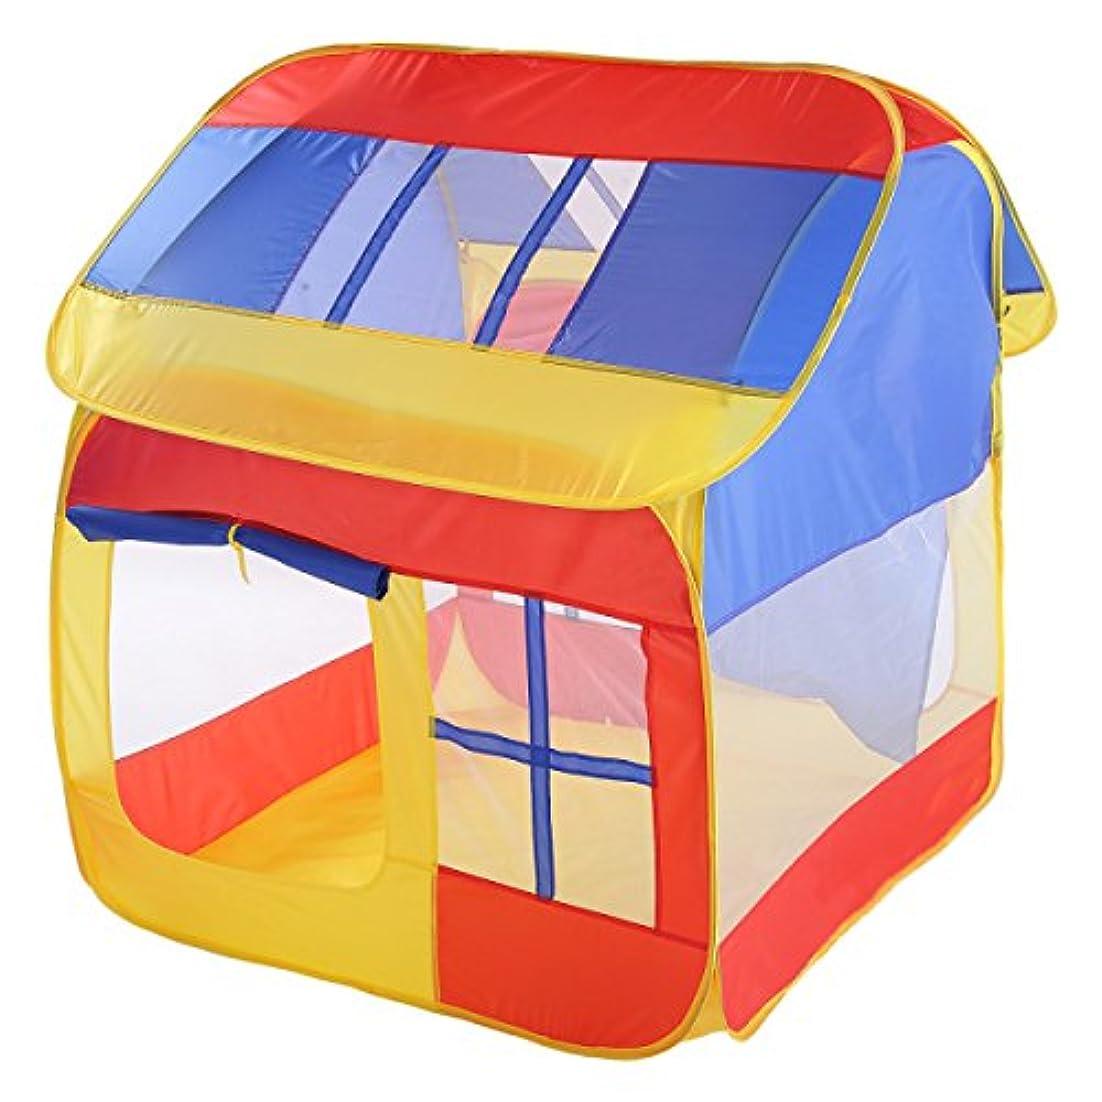 噴出する強要ペストリーLWT 子供たちはテントの色を一致させる屋内の家庭ゲームガウンプリンセスガーゼベイビートイキャンプオーシャンボールプール